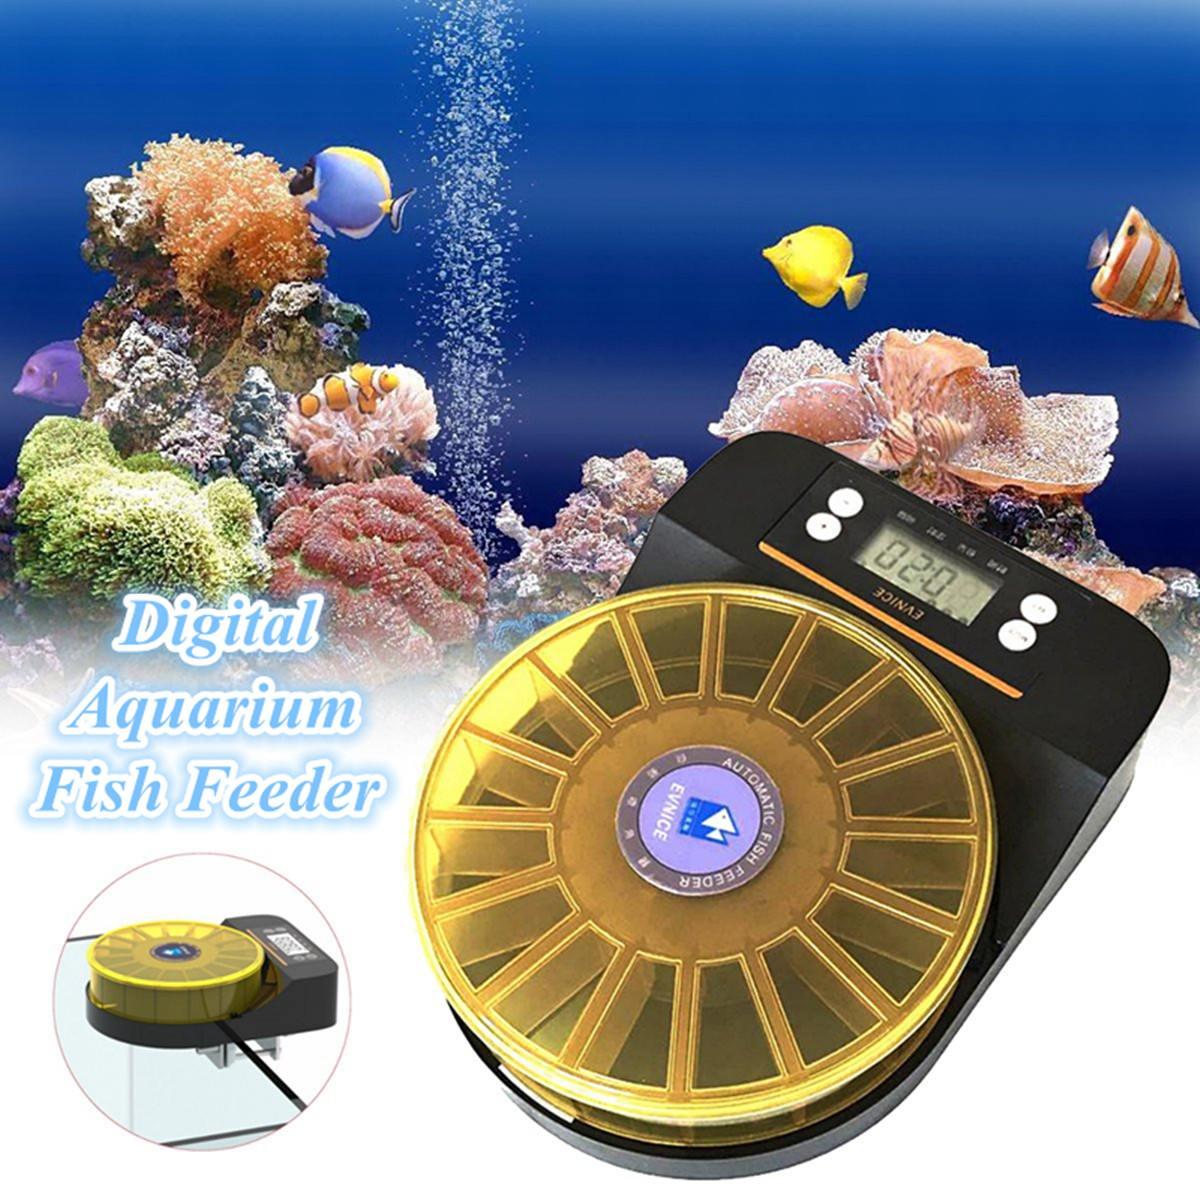 200g distributeur automatique de nourriture pour poissons Aquarium numérique réservoir de poissons mangeoire en plastique minuterie électronique multitreillis goutte alimentation alimentation